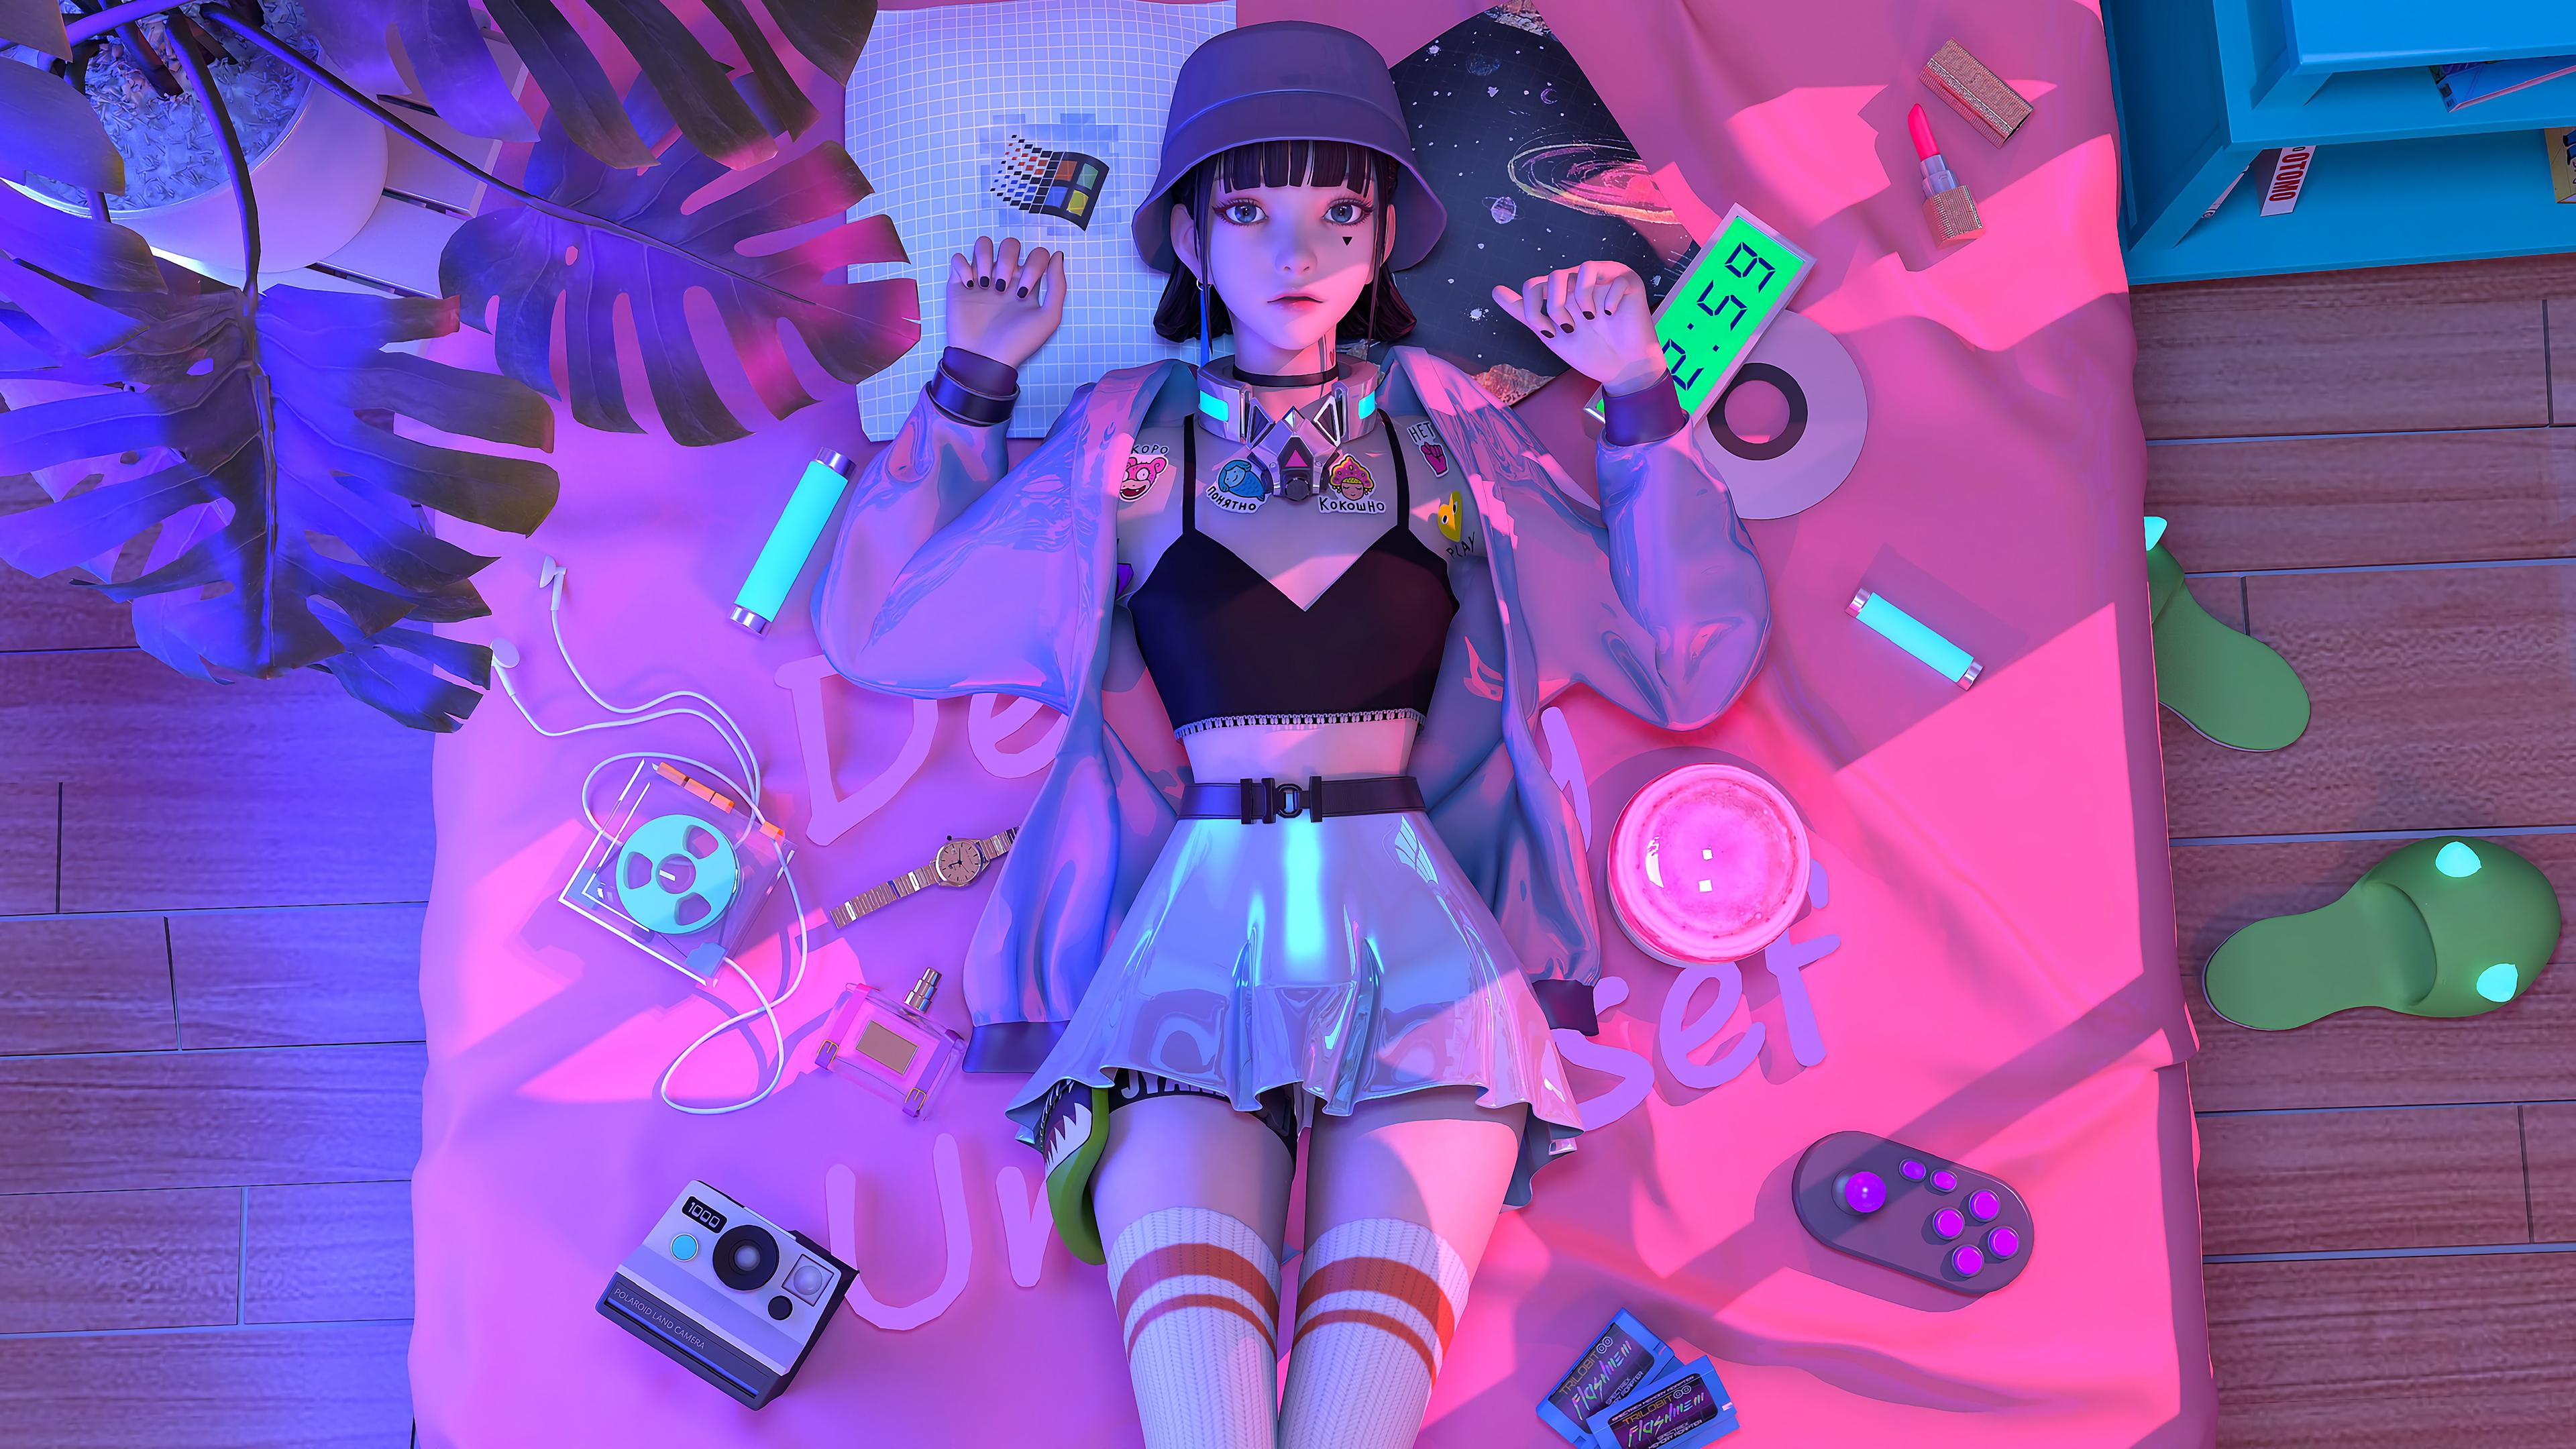 赛博朋克风格奇幻少女 集原美电脑4k壁纸3840x2160